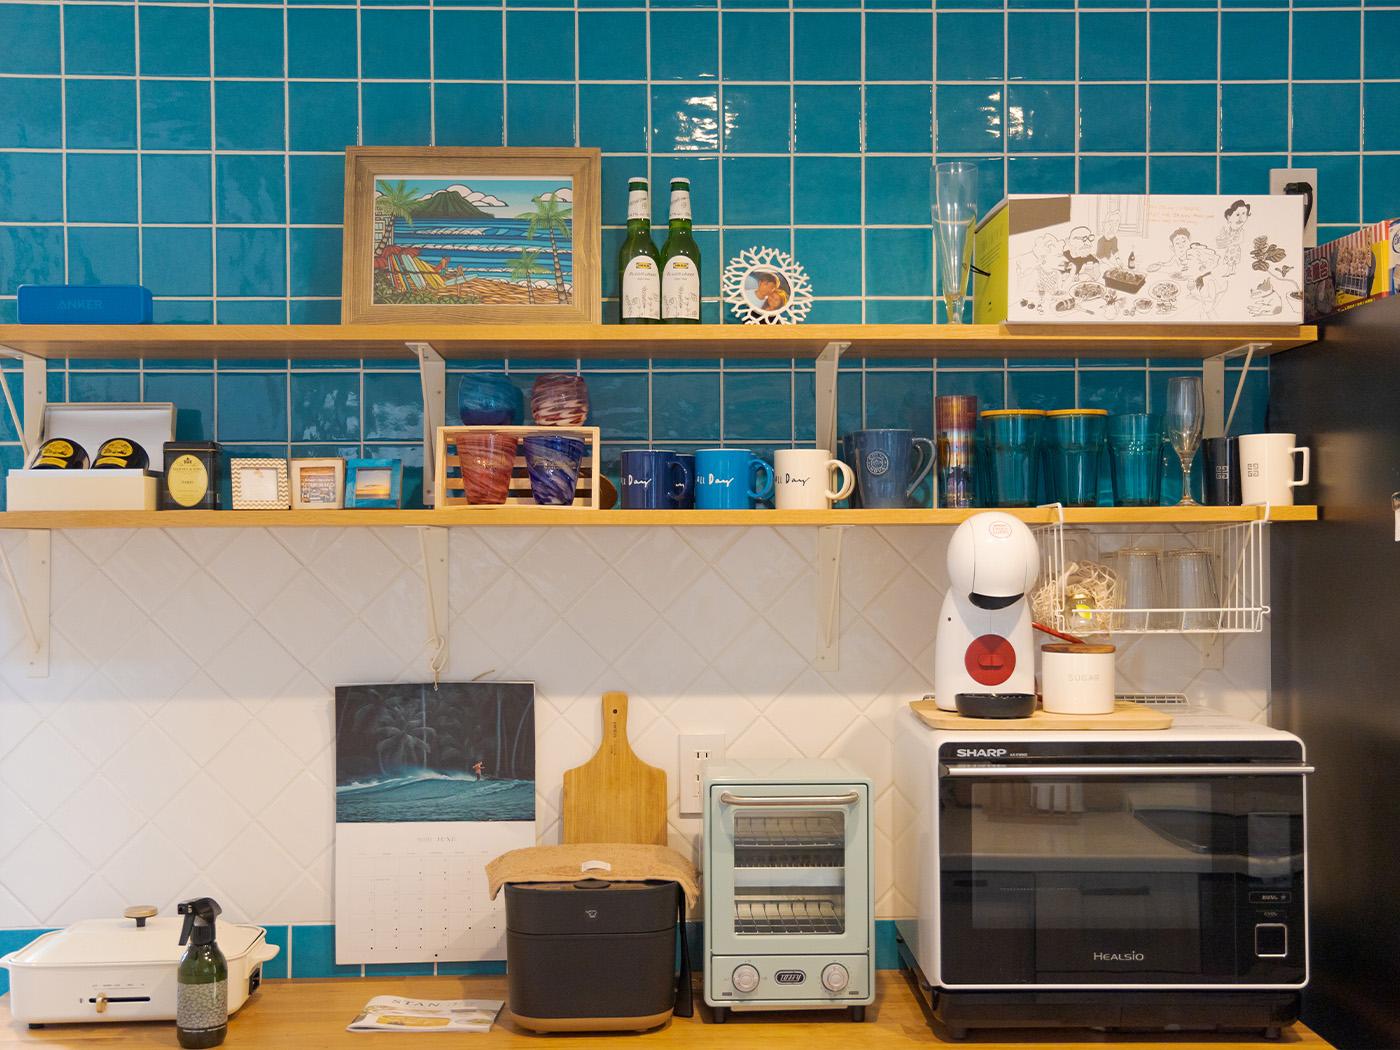 キッチンの壁には宮古島の海を意識したブルーのタイル。